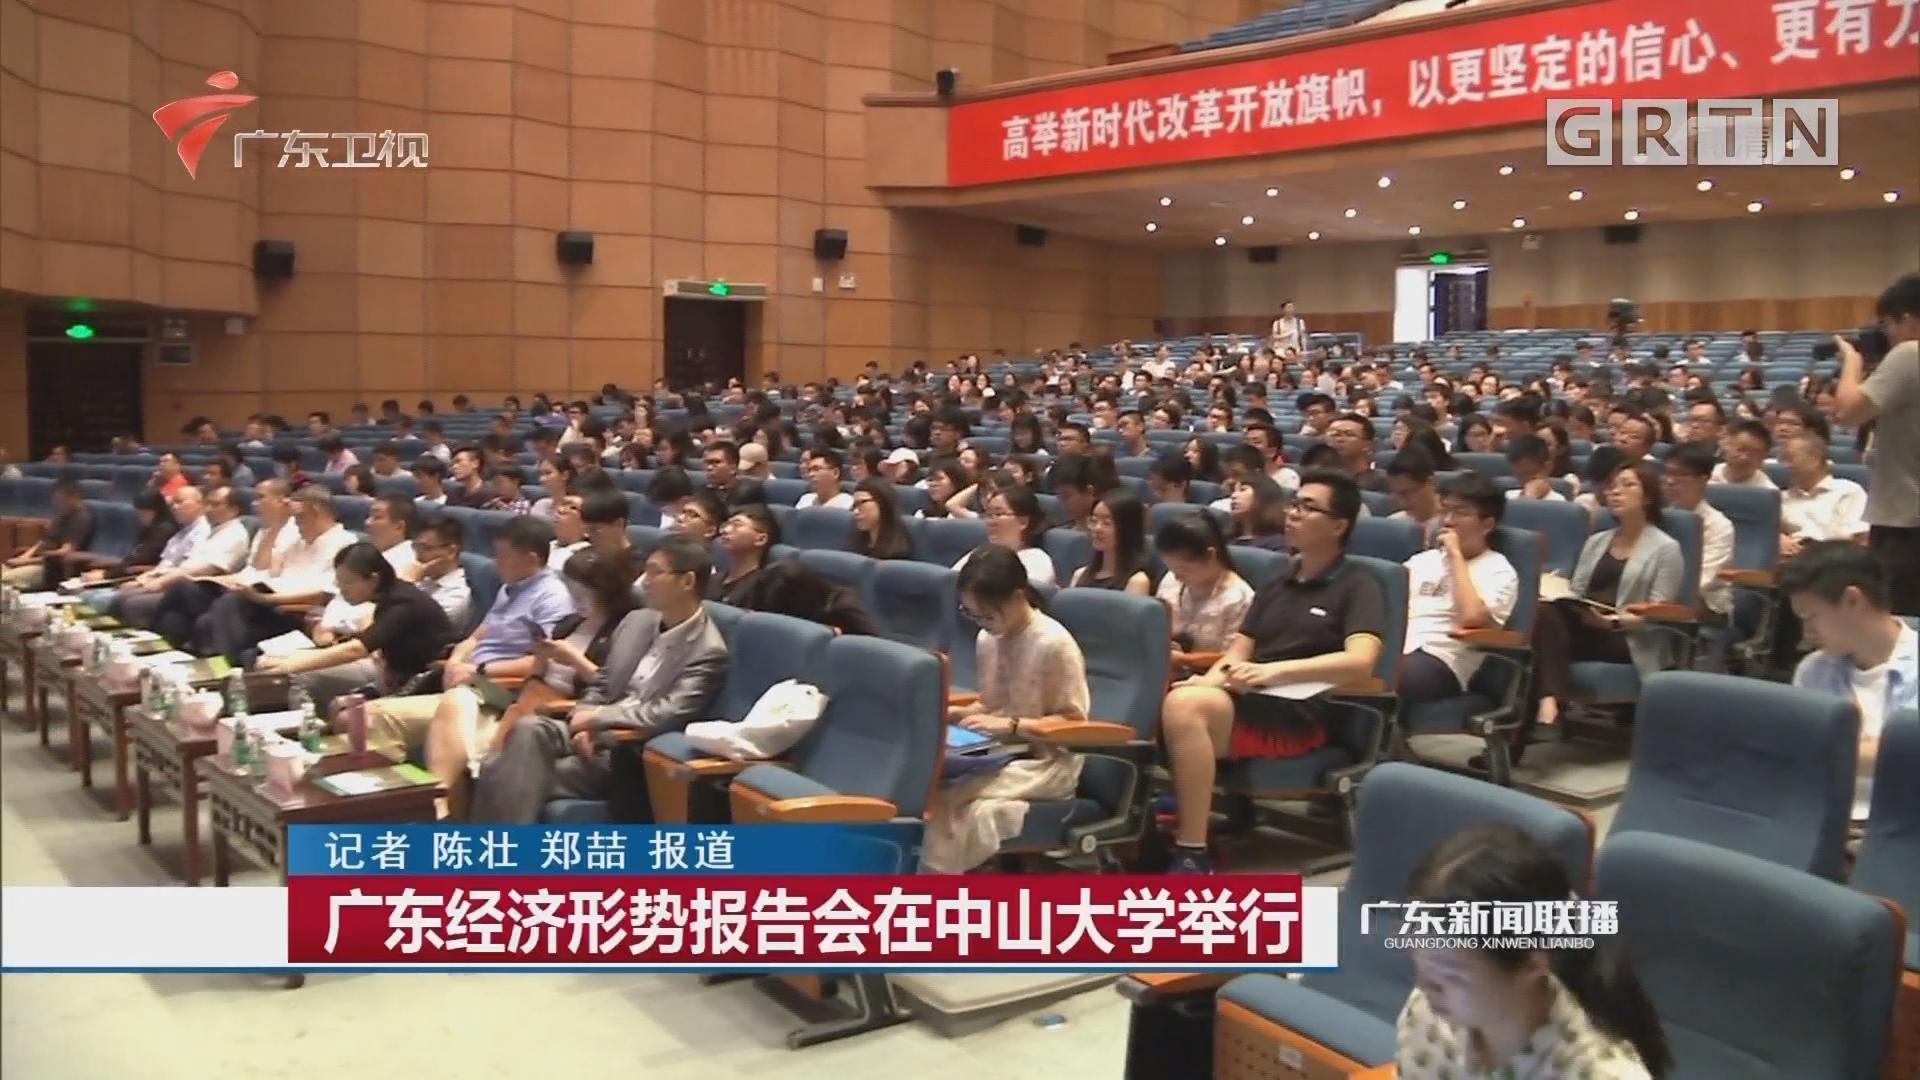 广东经济形势报告会在中山大学举行